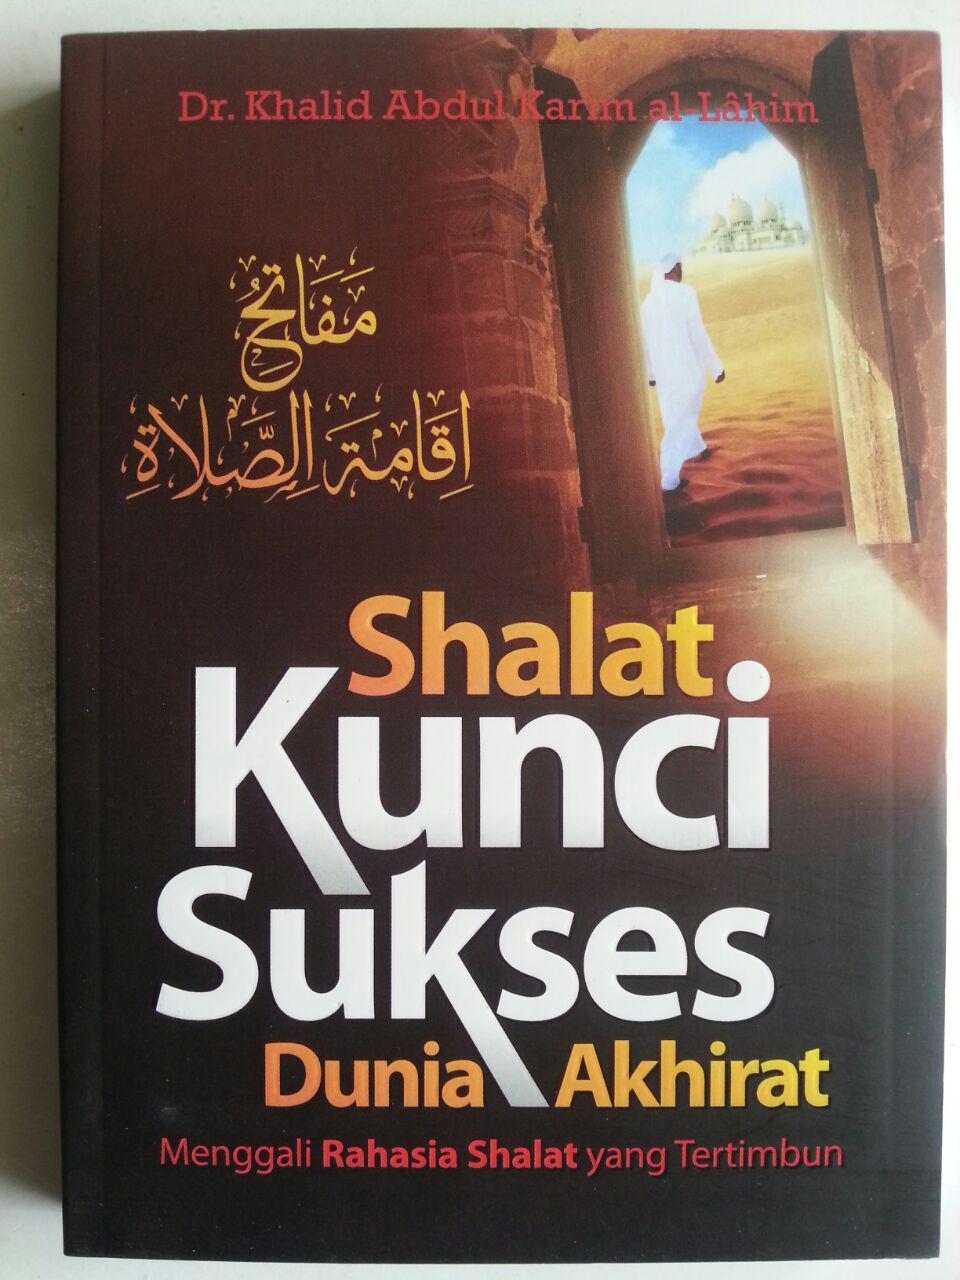 Buku Shalat Kunci Sukses Dunia Akhirat Rahasia Shalat Yang Tertimbun cover 2